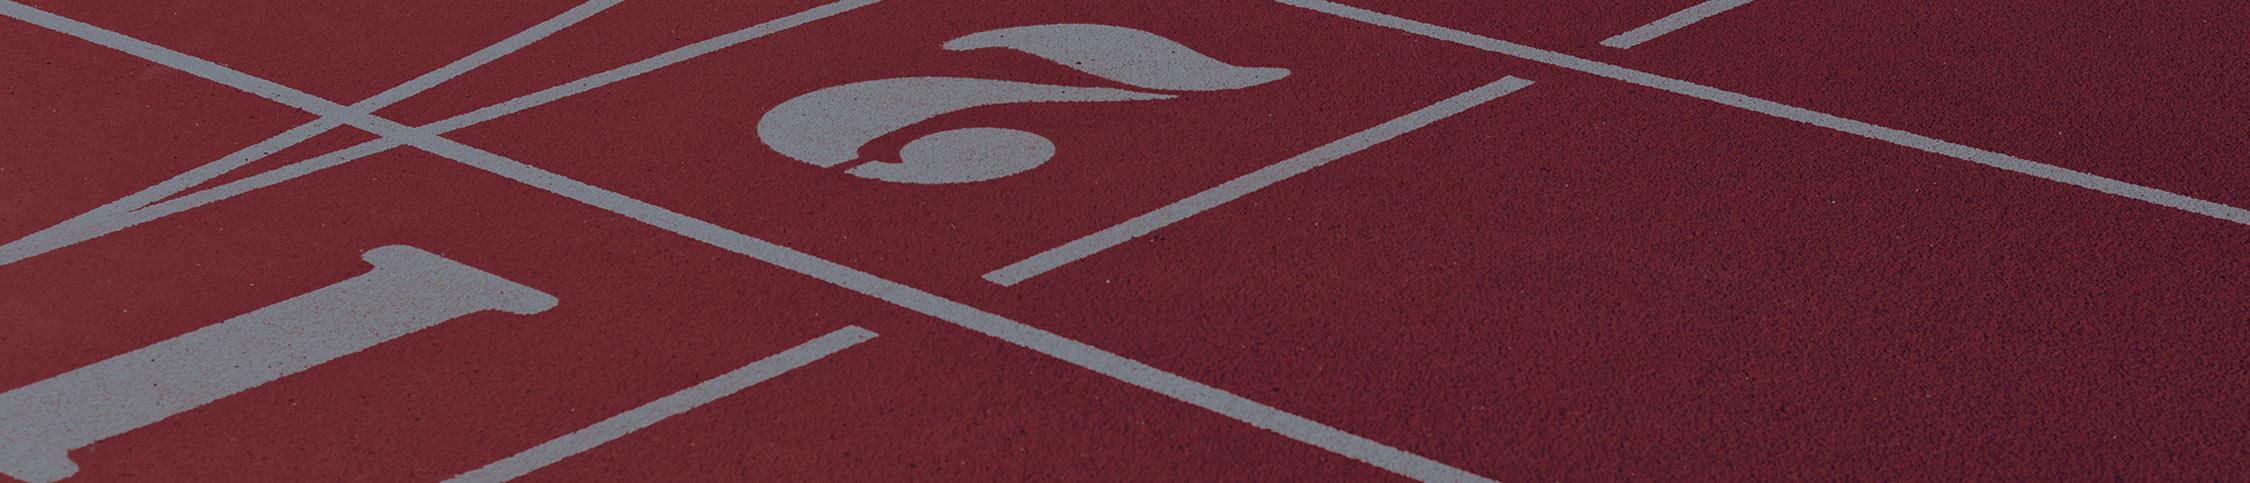 Atletizm Pistleri